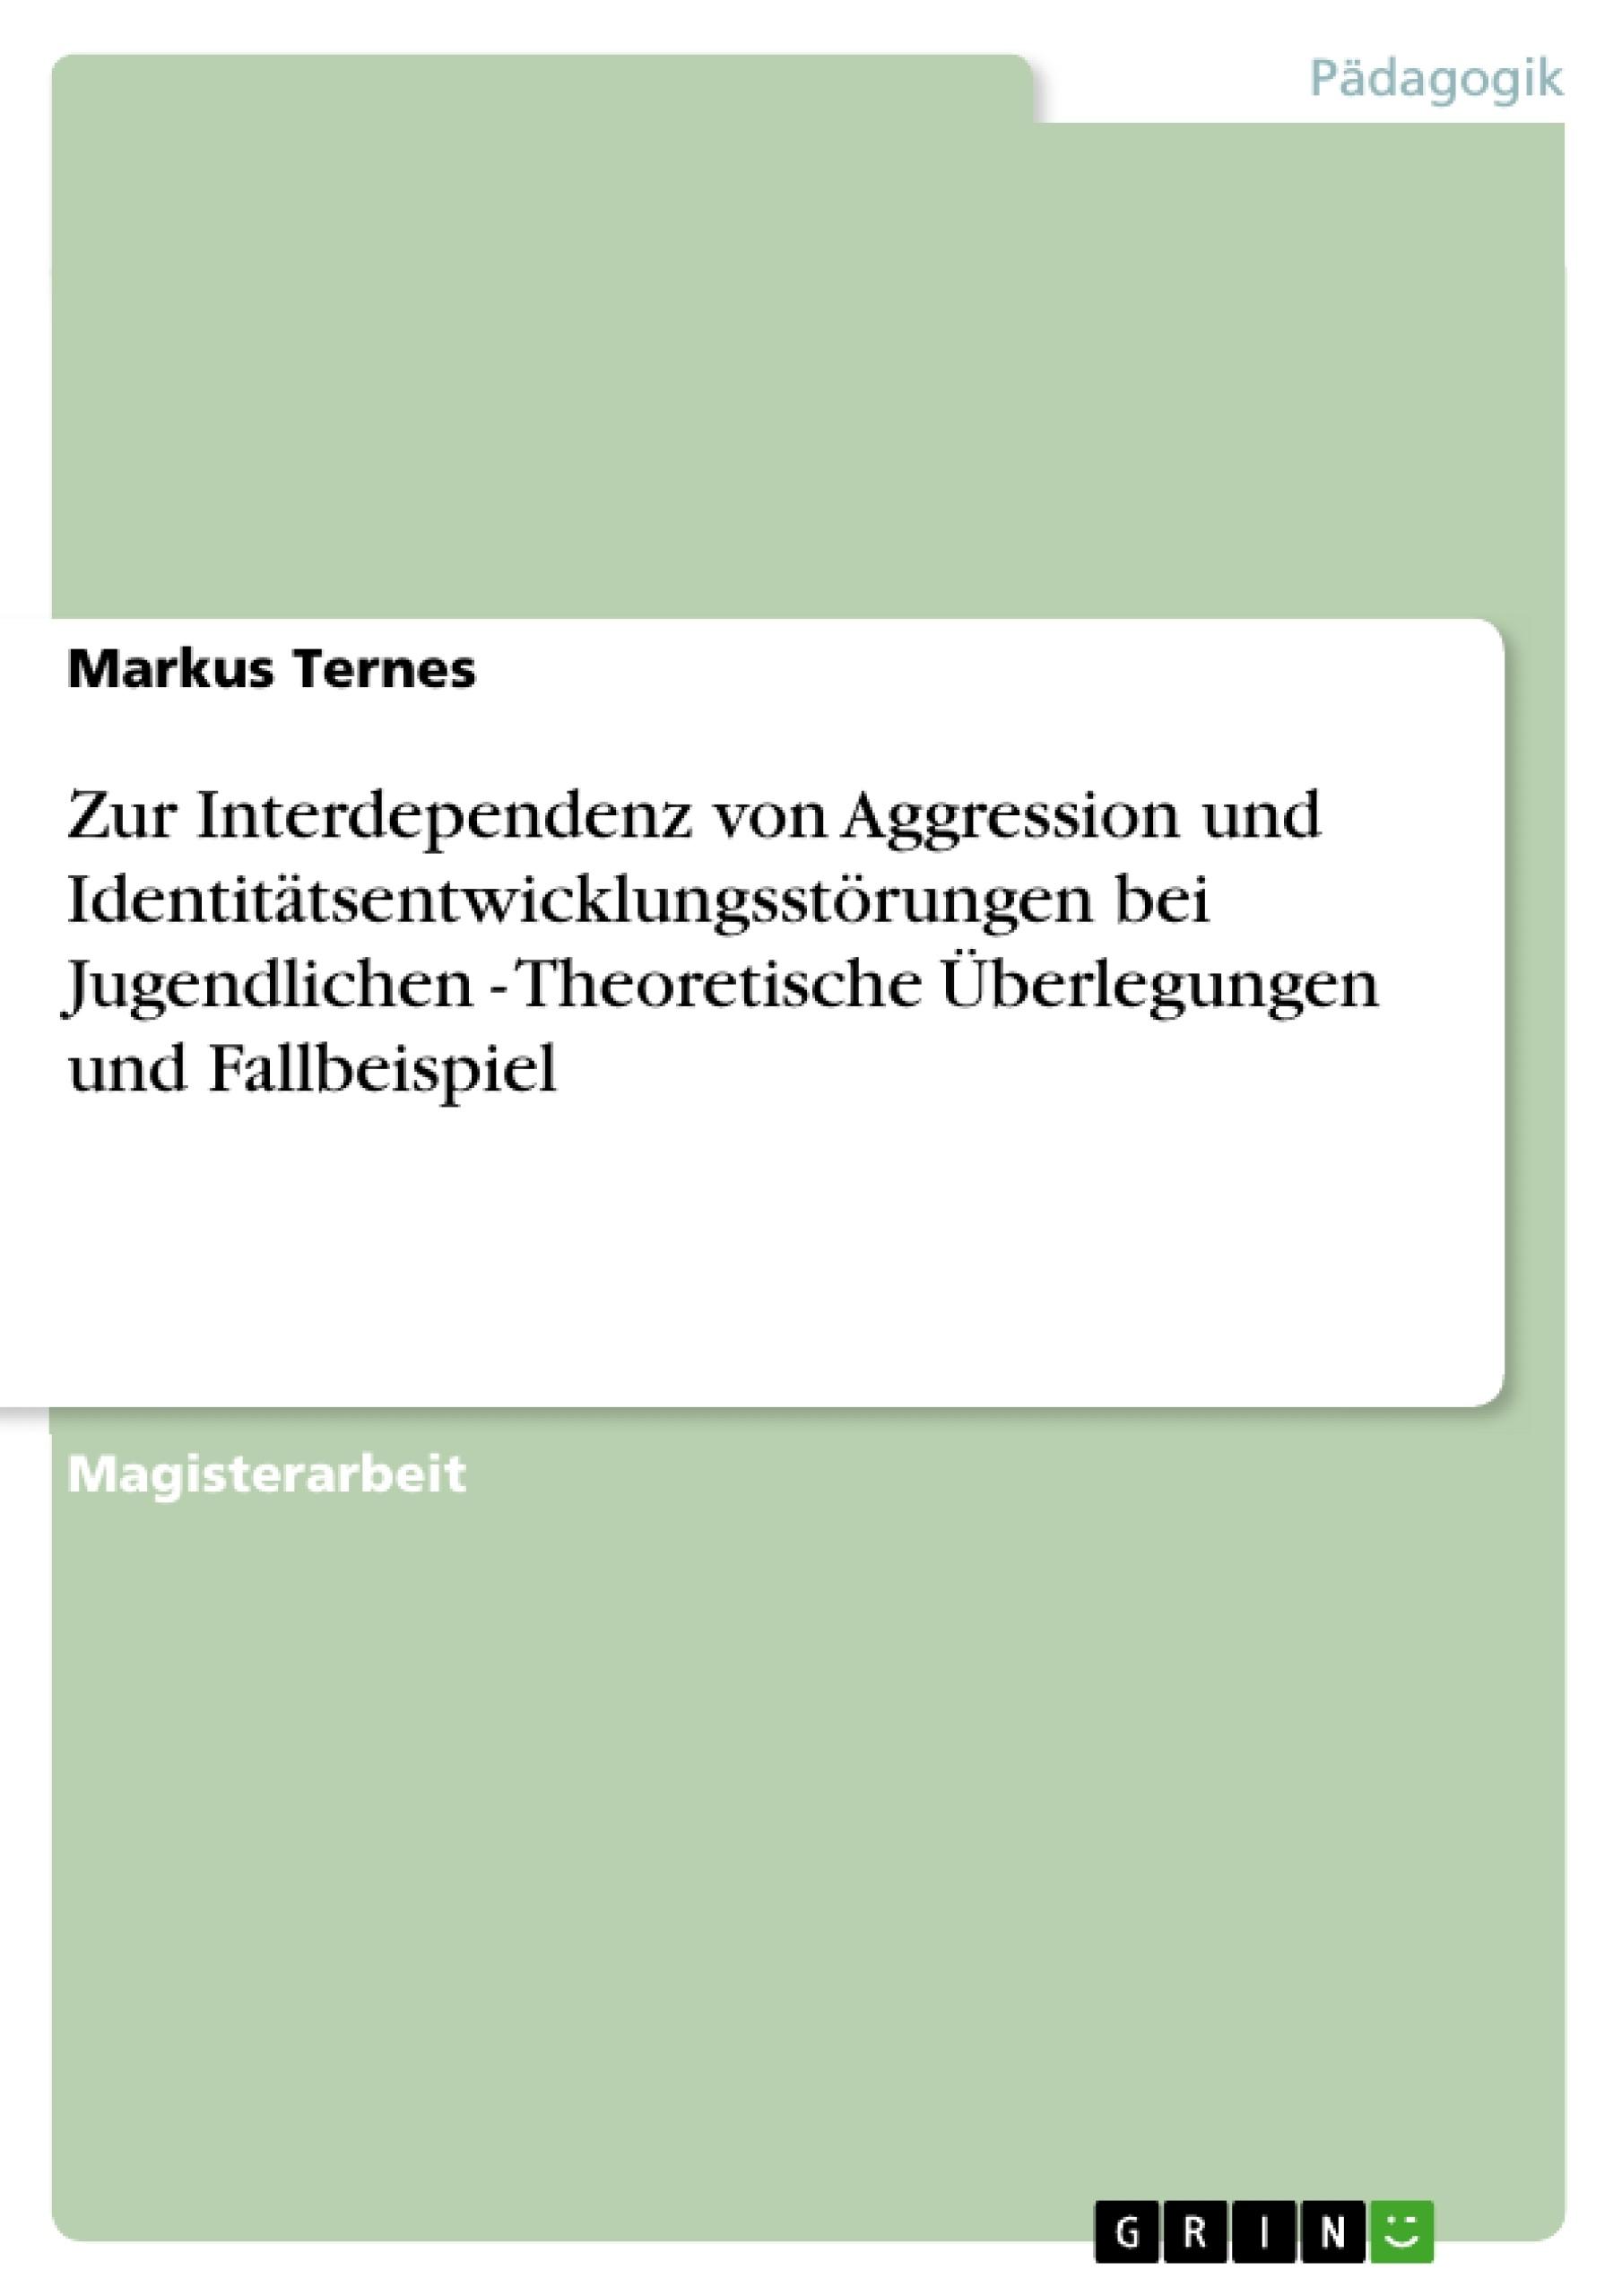 Titel: Zur Interdependenz von Aggression und Identitätsentwicklungsstörungen bei Jugendlichen - Theoretische Überlegungen und Fallbeispiel